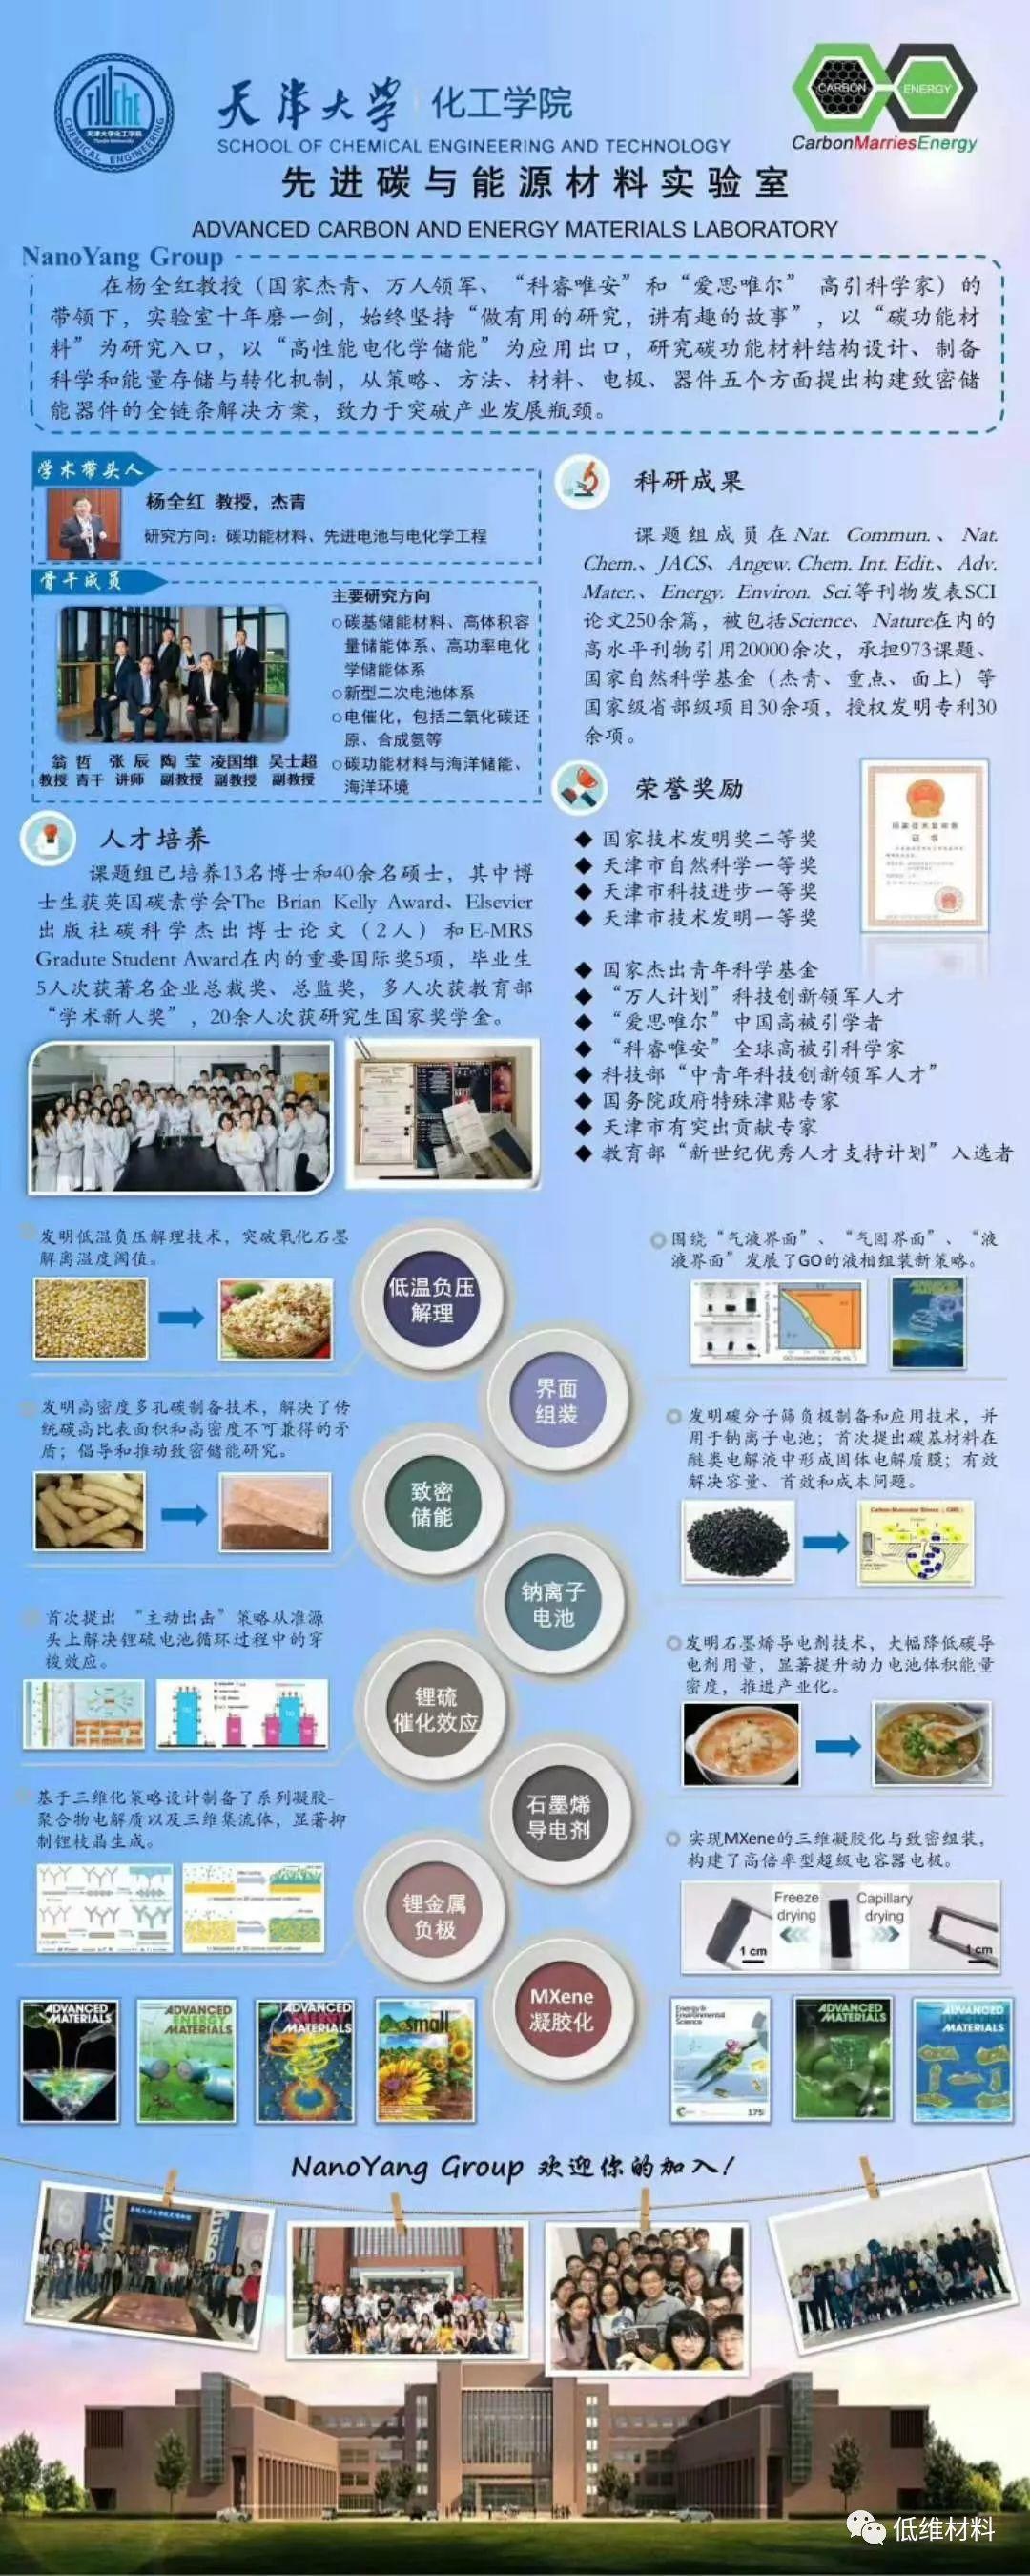 【天津大学杨全红教授课题组】诚聘英才!